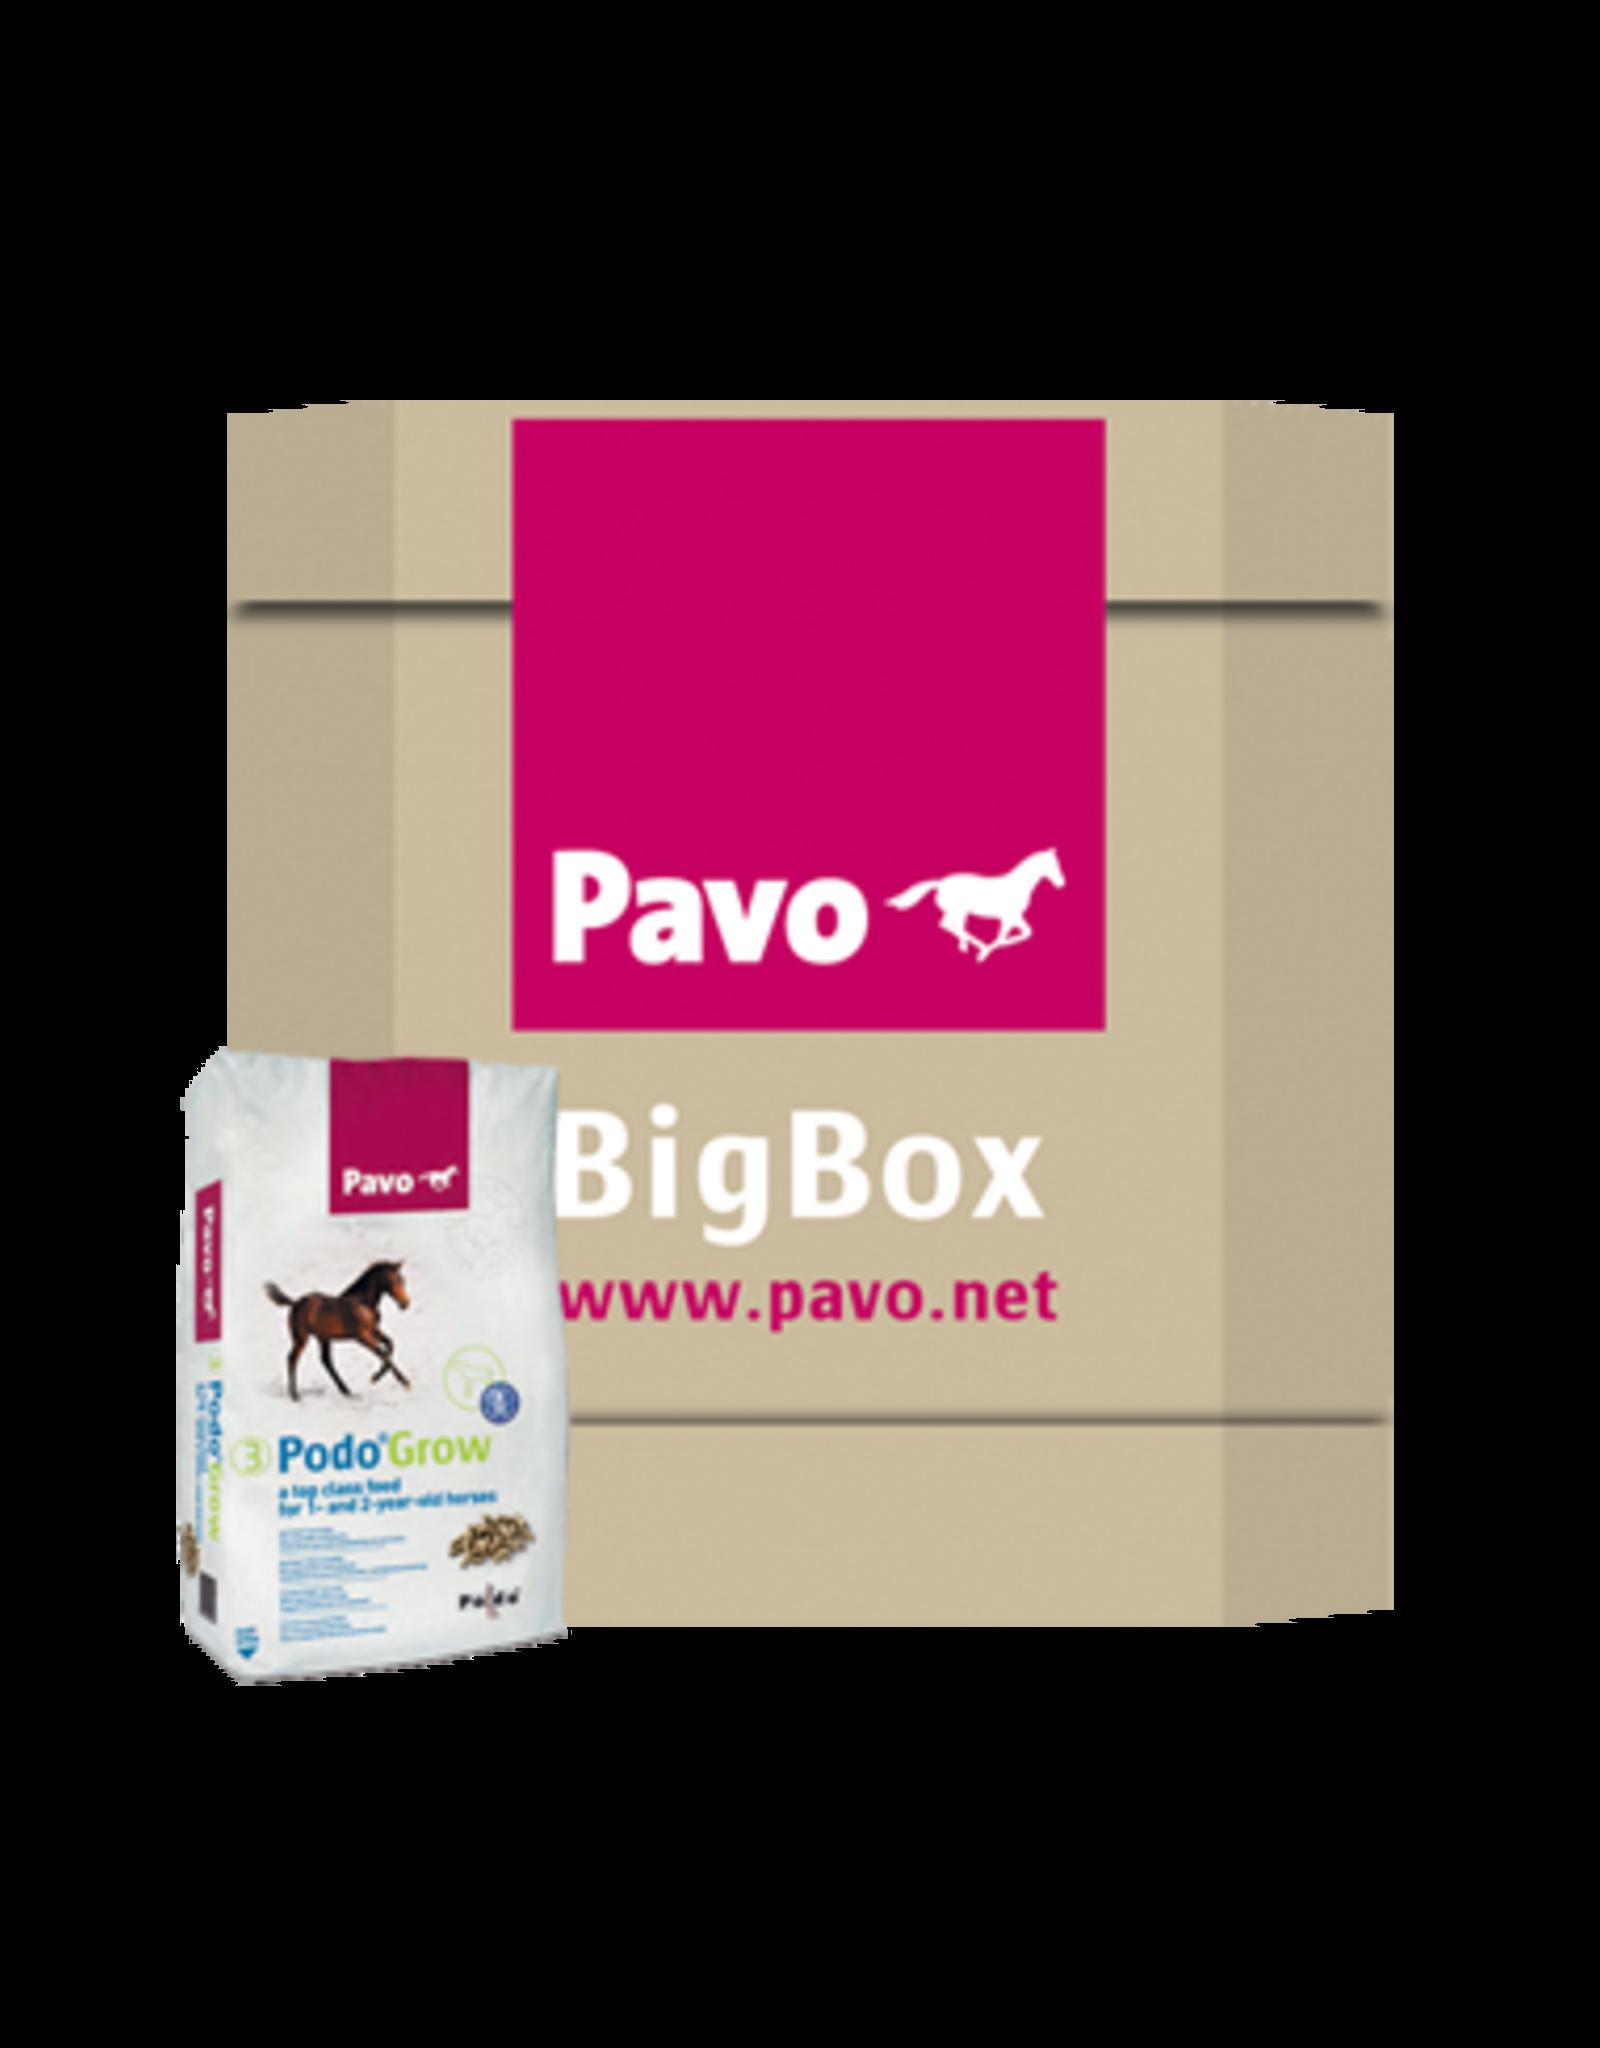 Pavo Pavo Podo®Grow Big Box 725 kg